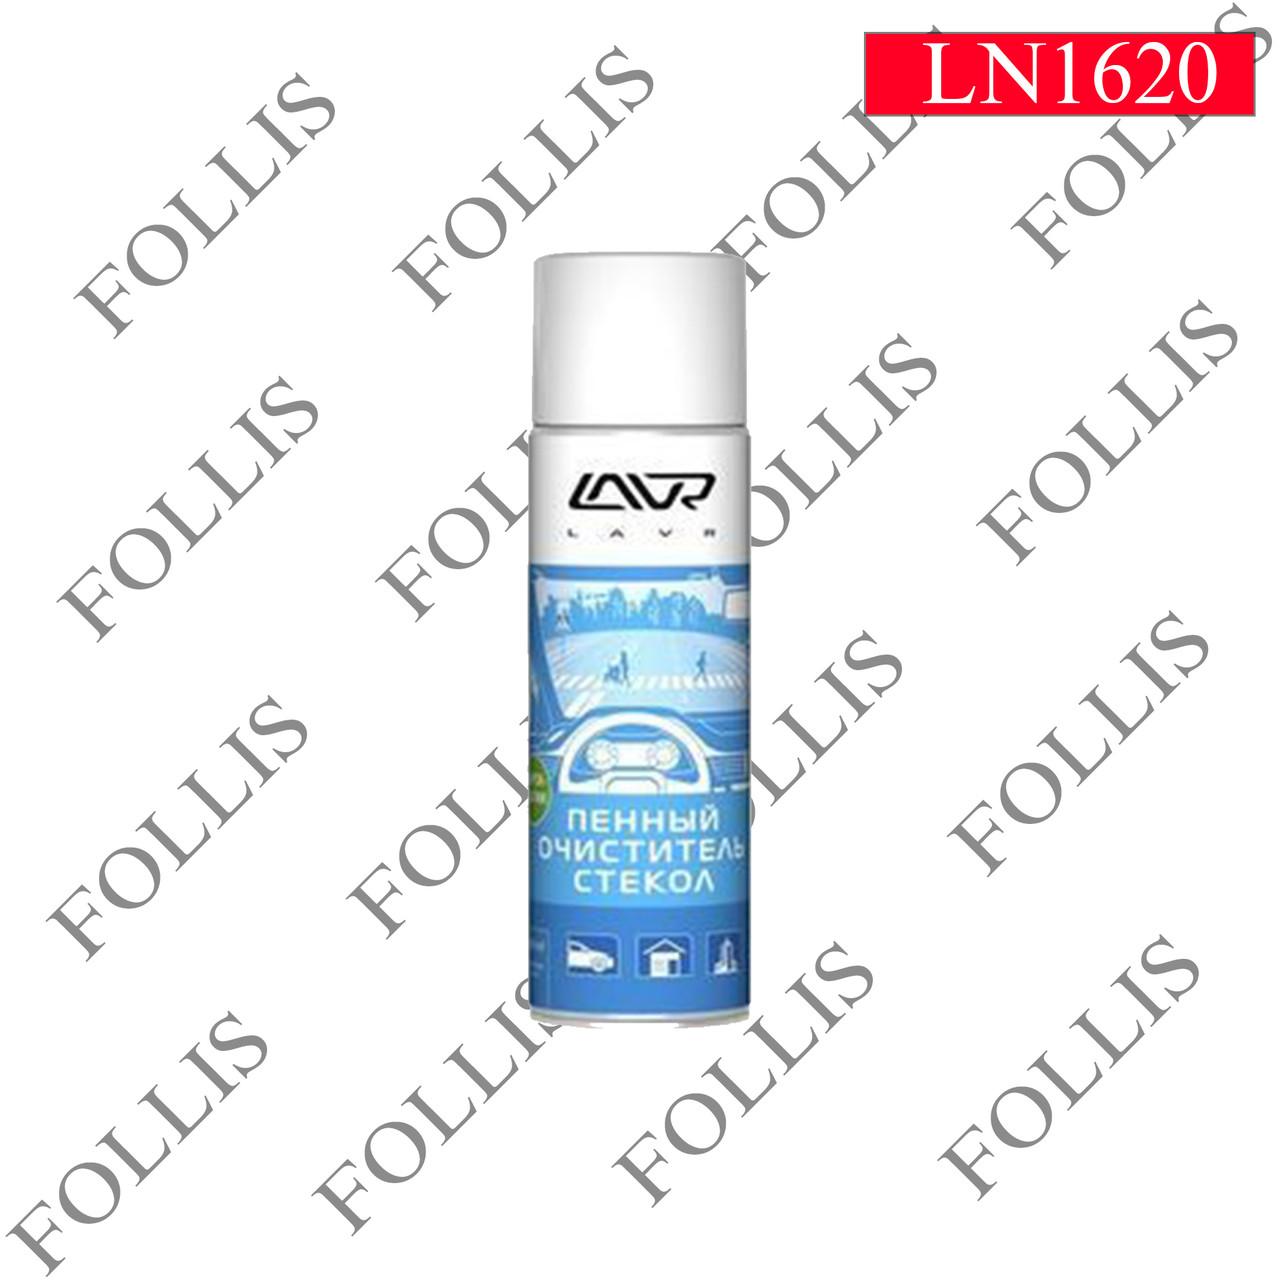 Пенный очиститель стекол «Антистатик» LAVR Antistatic foaming glass cleaner 650 мл